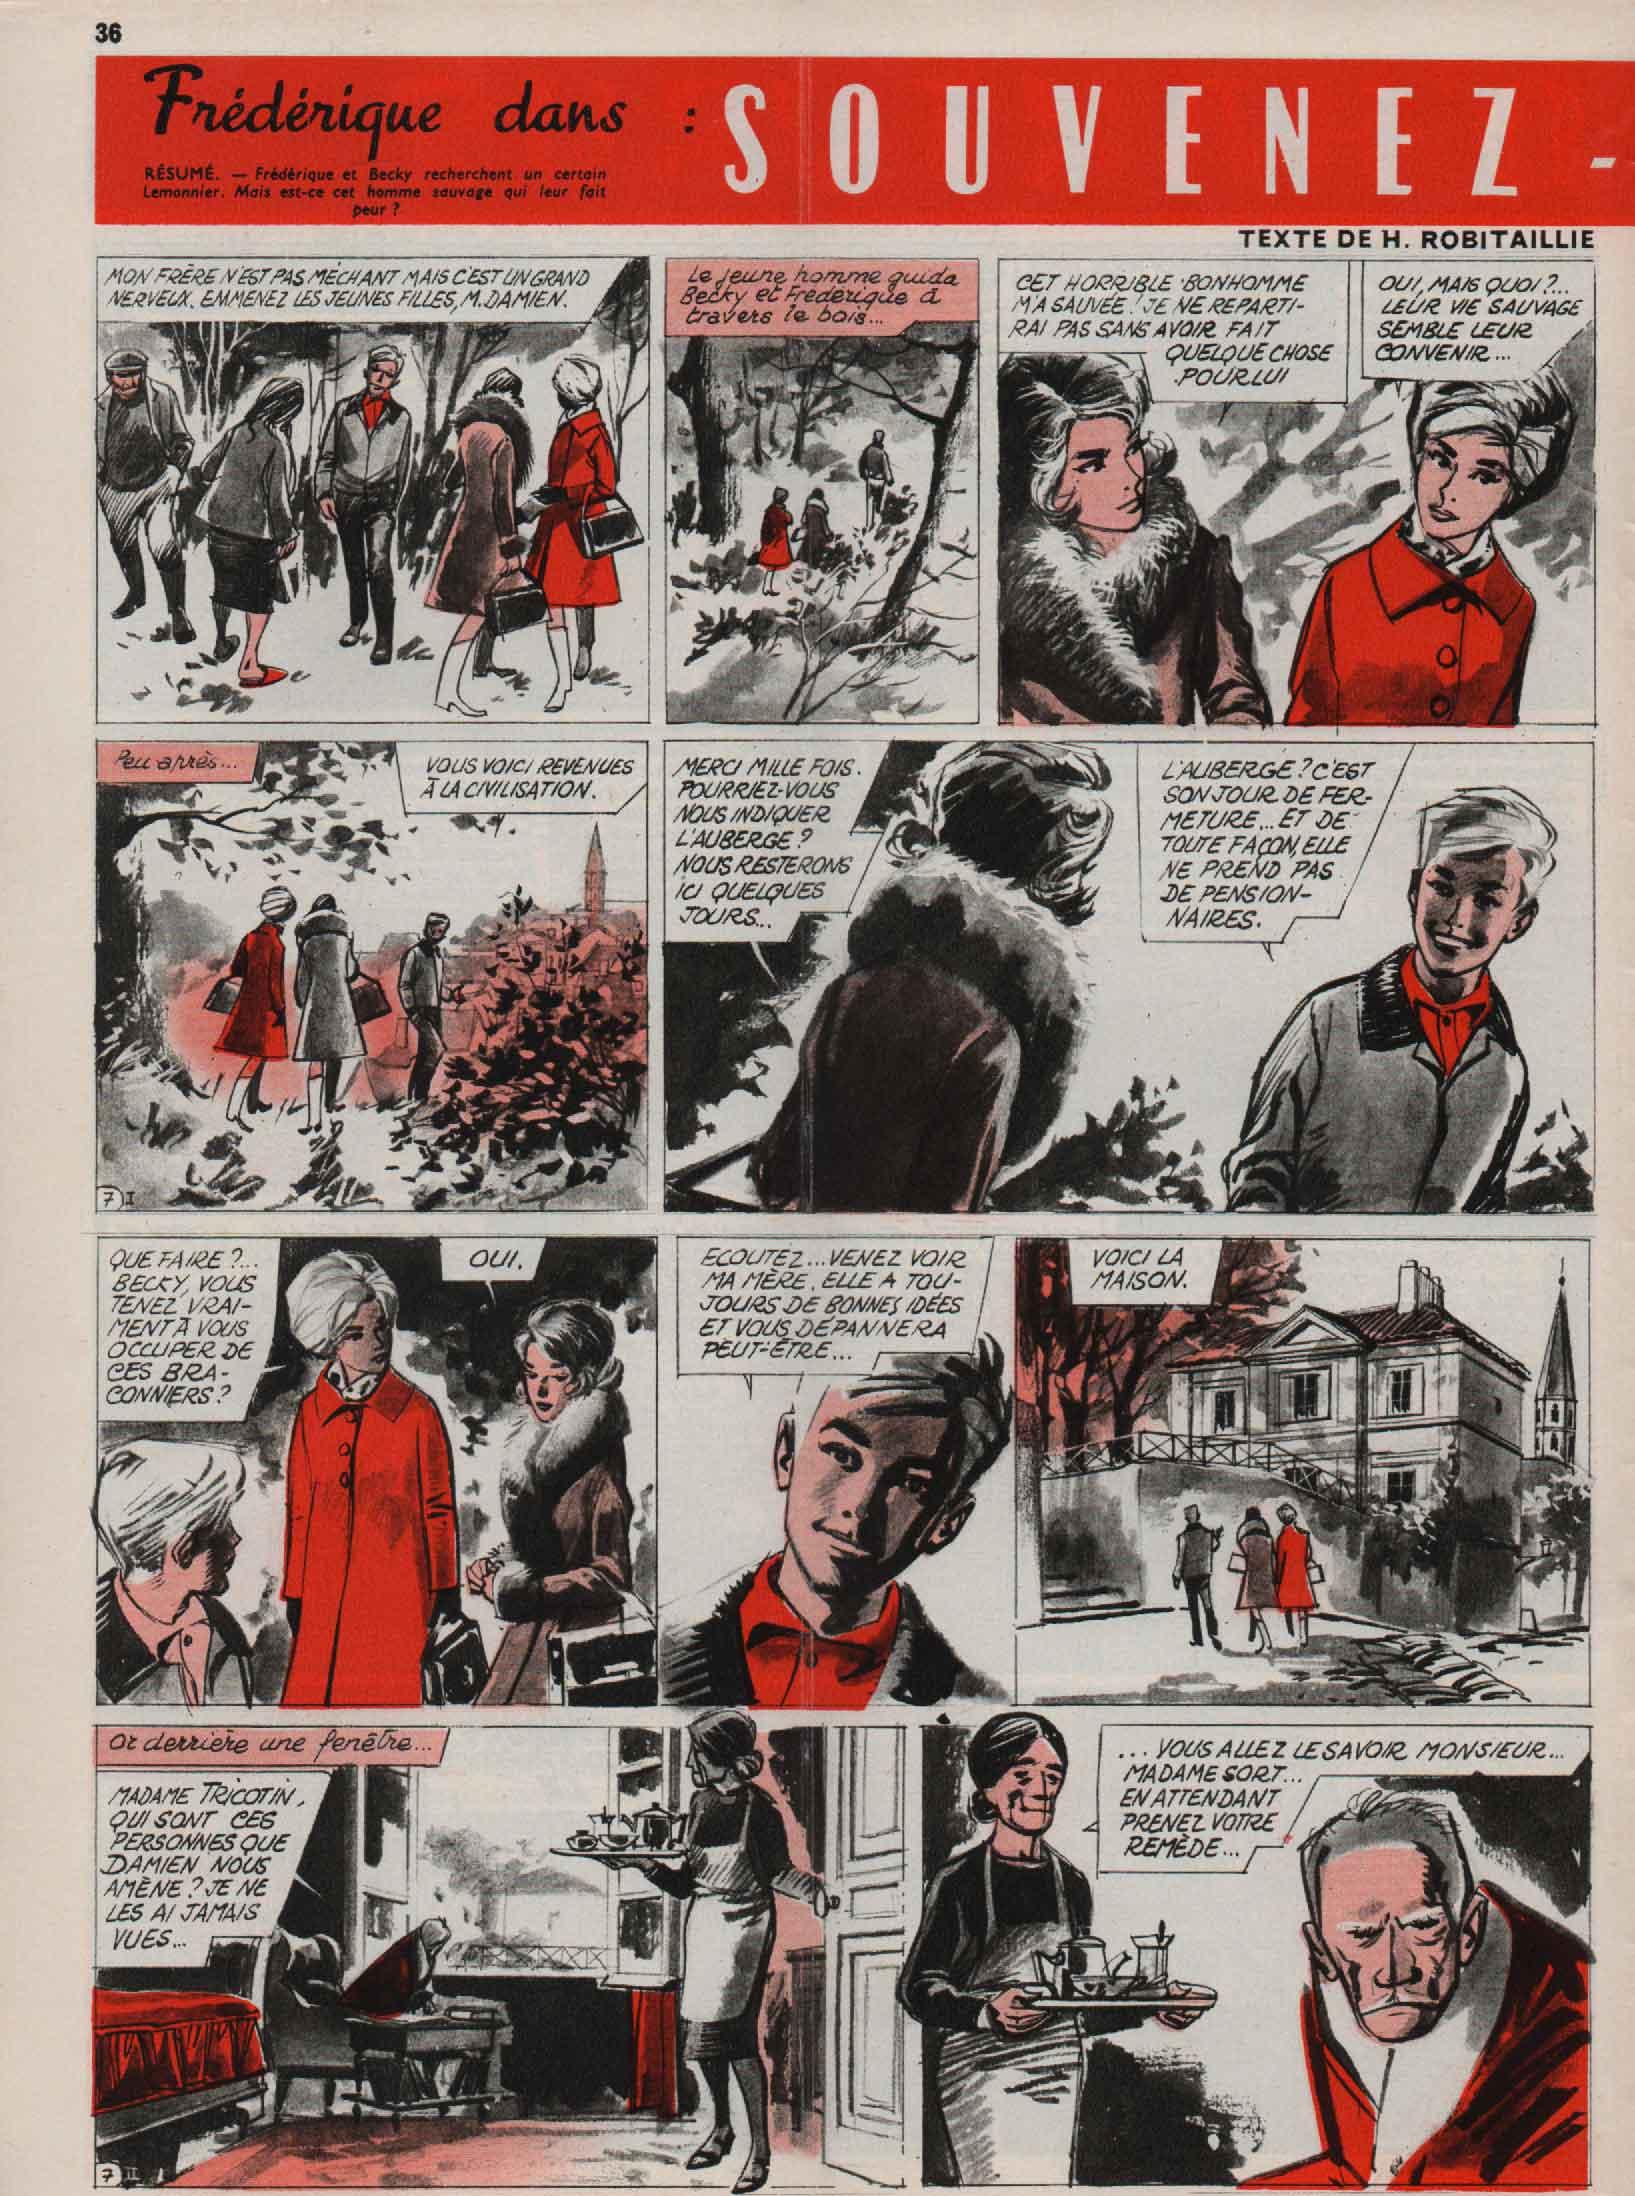 « Frédérique » J2 magazine n° 1 (06/01/1966).